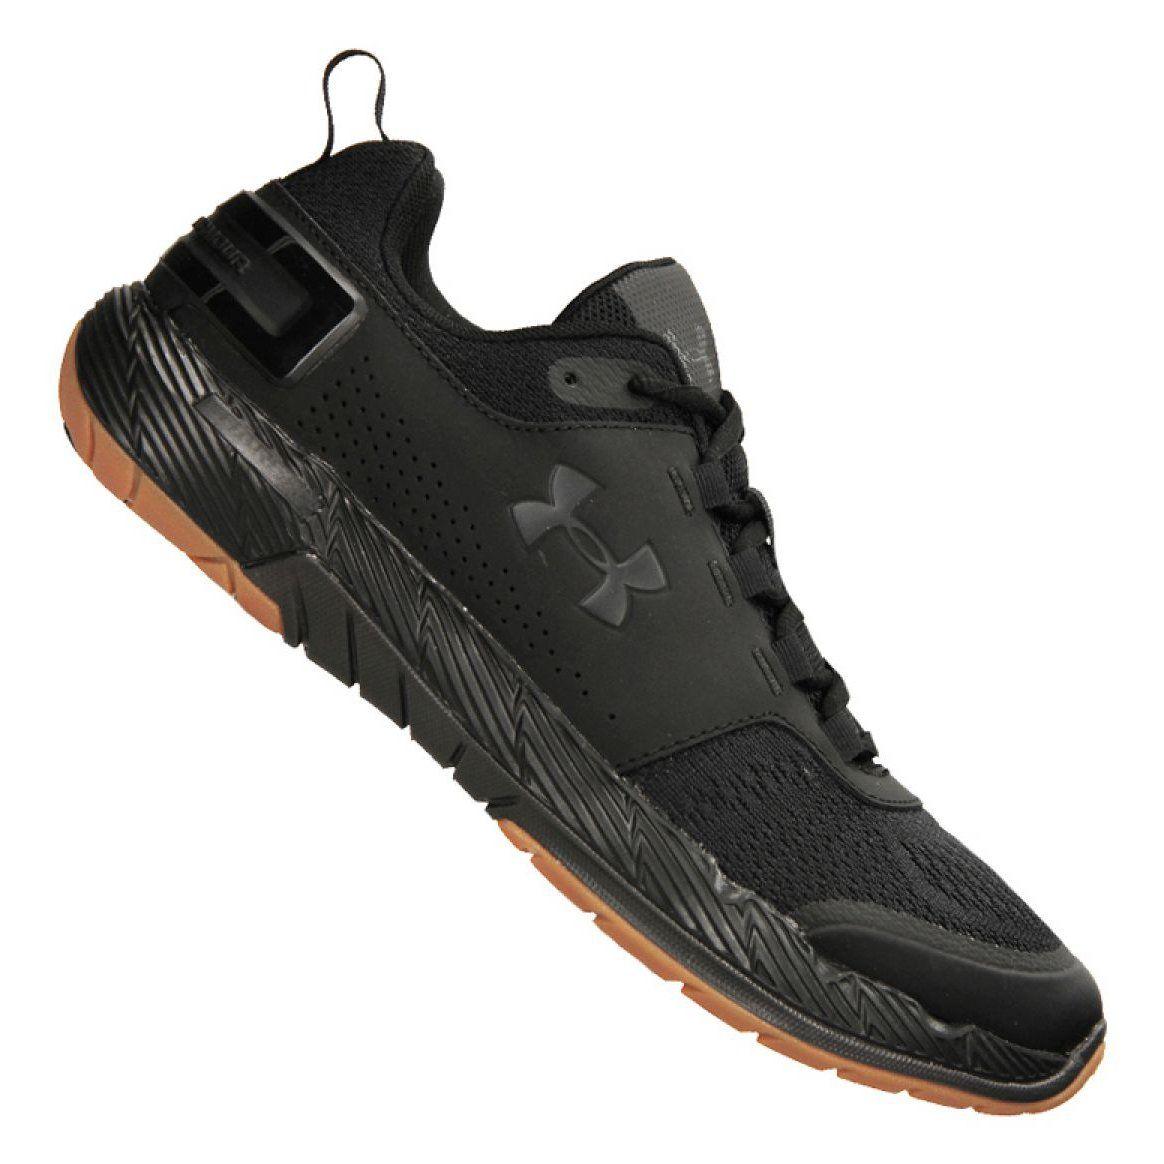 Buty Treningowe Under Armour Commit Tr Ex M 3020789 007 Czarne Sport Shoes Design Under Armor Training Shoes